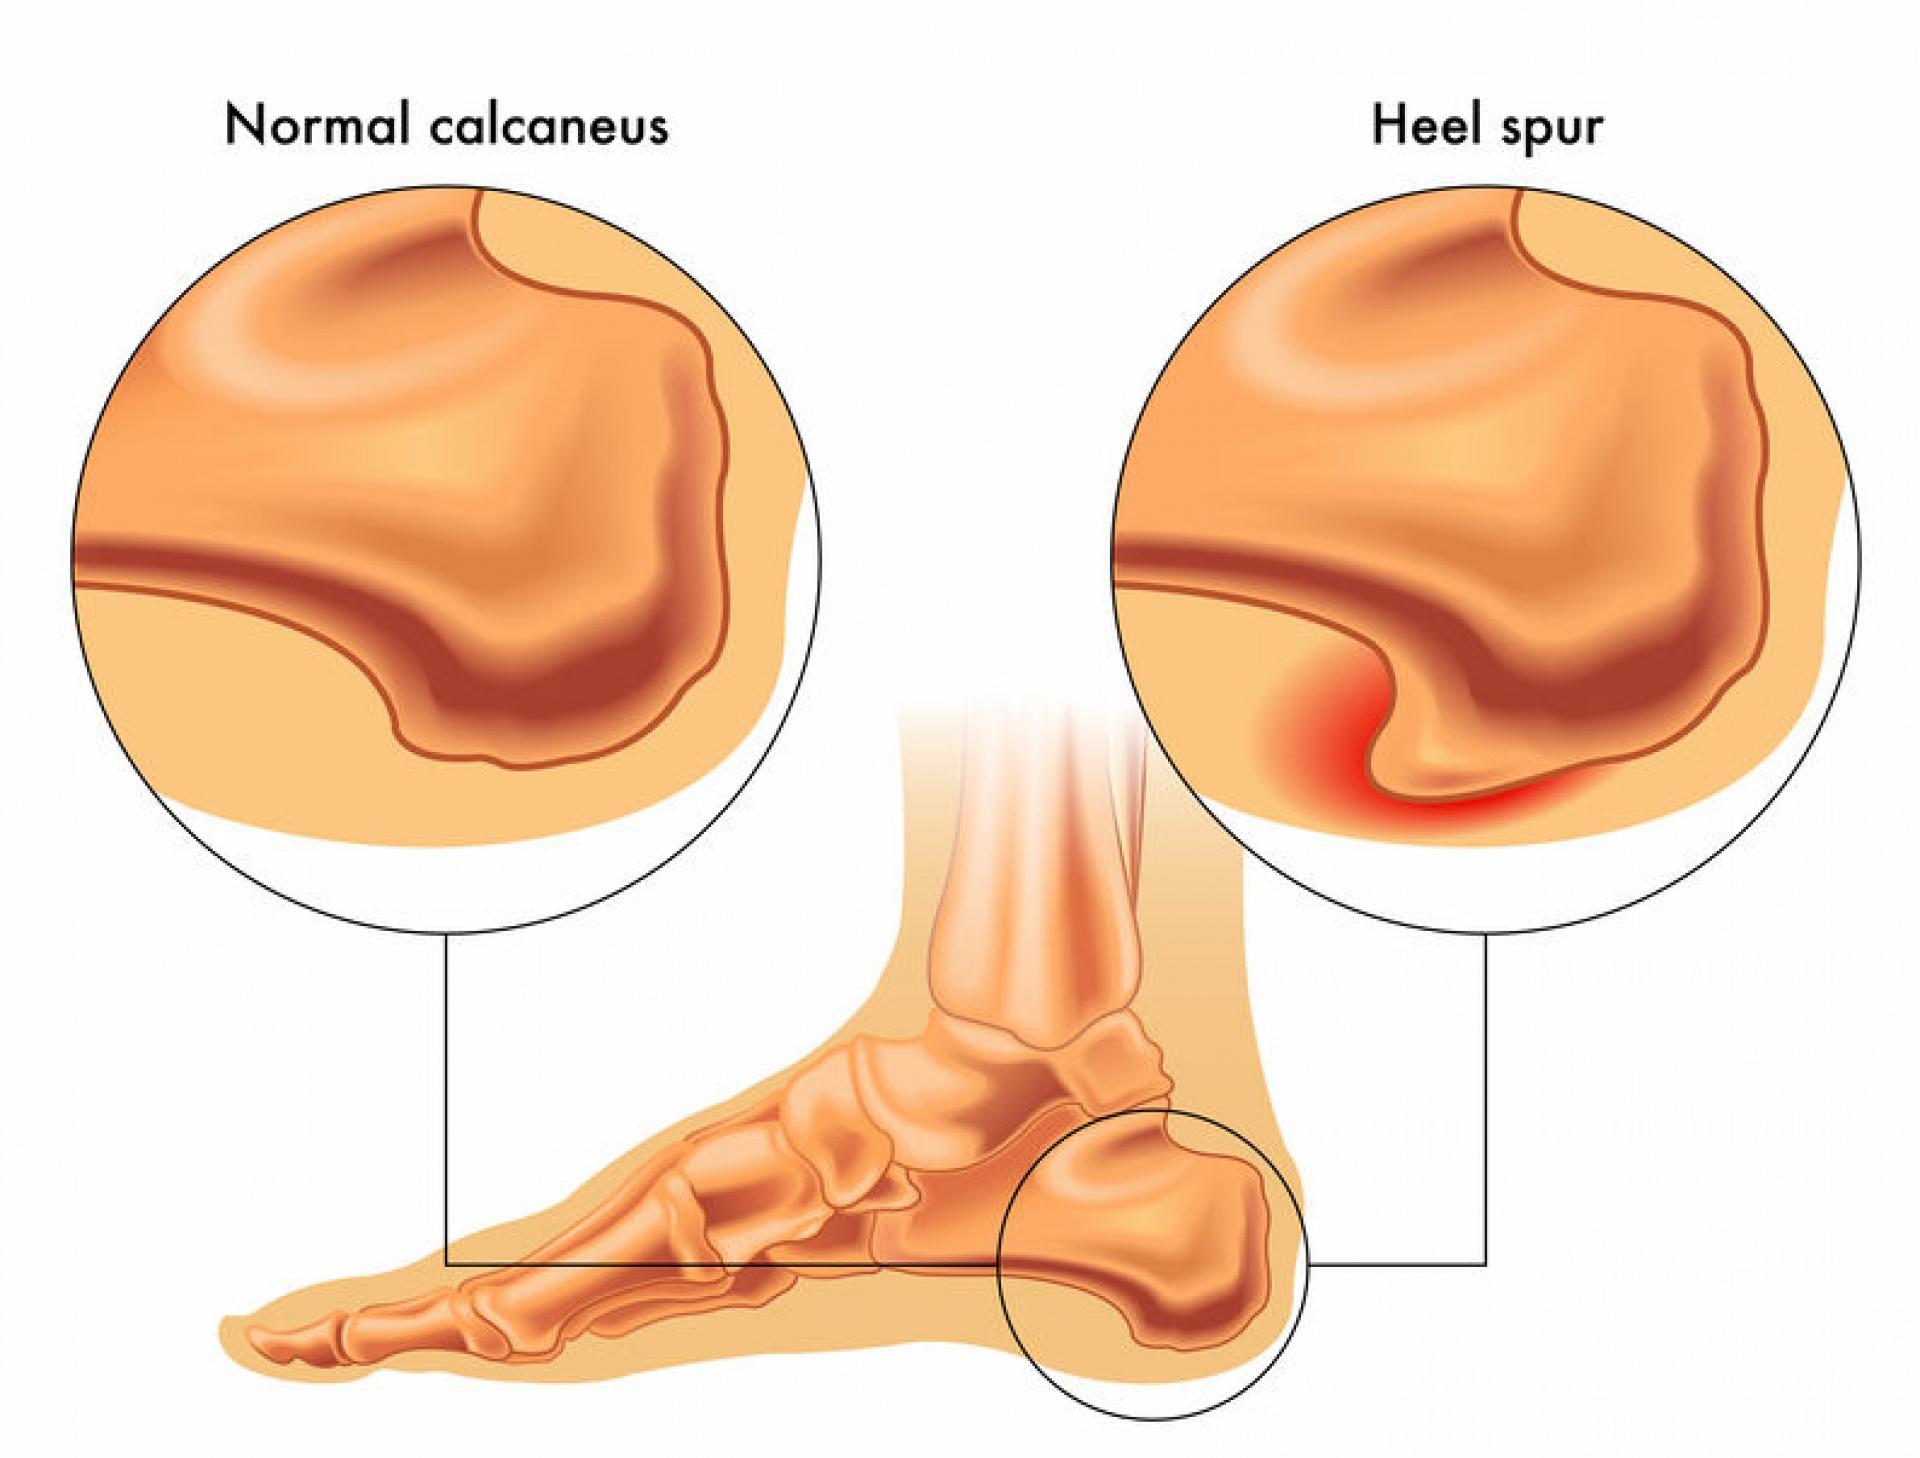 Ízületi fájdalom a lábban futás után A lábfájás okai - fájdalom a láb